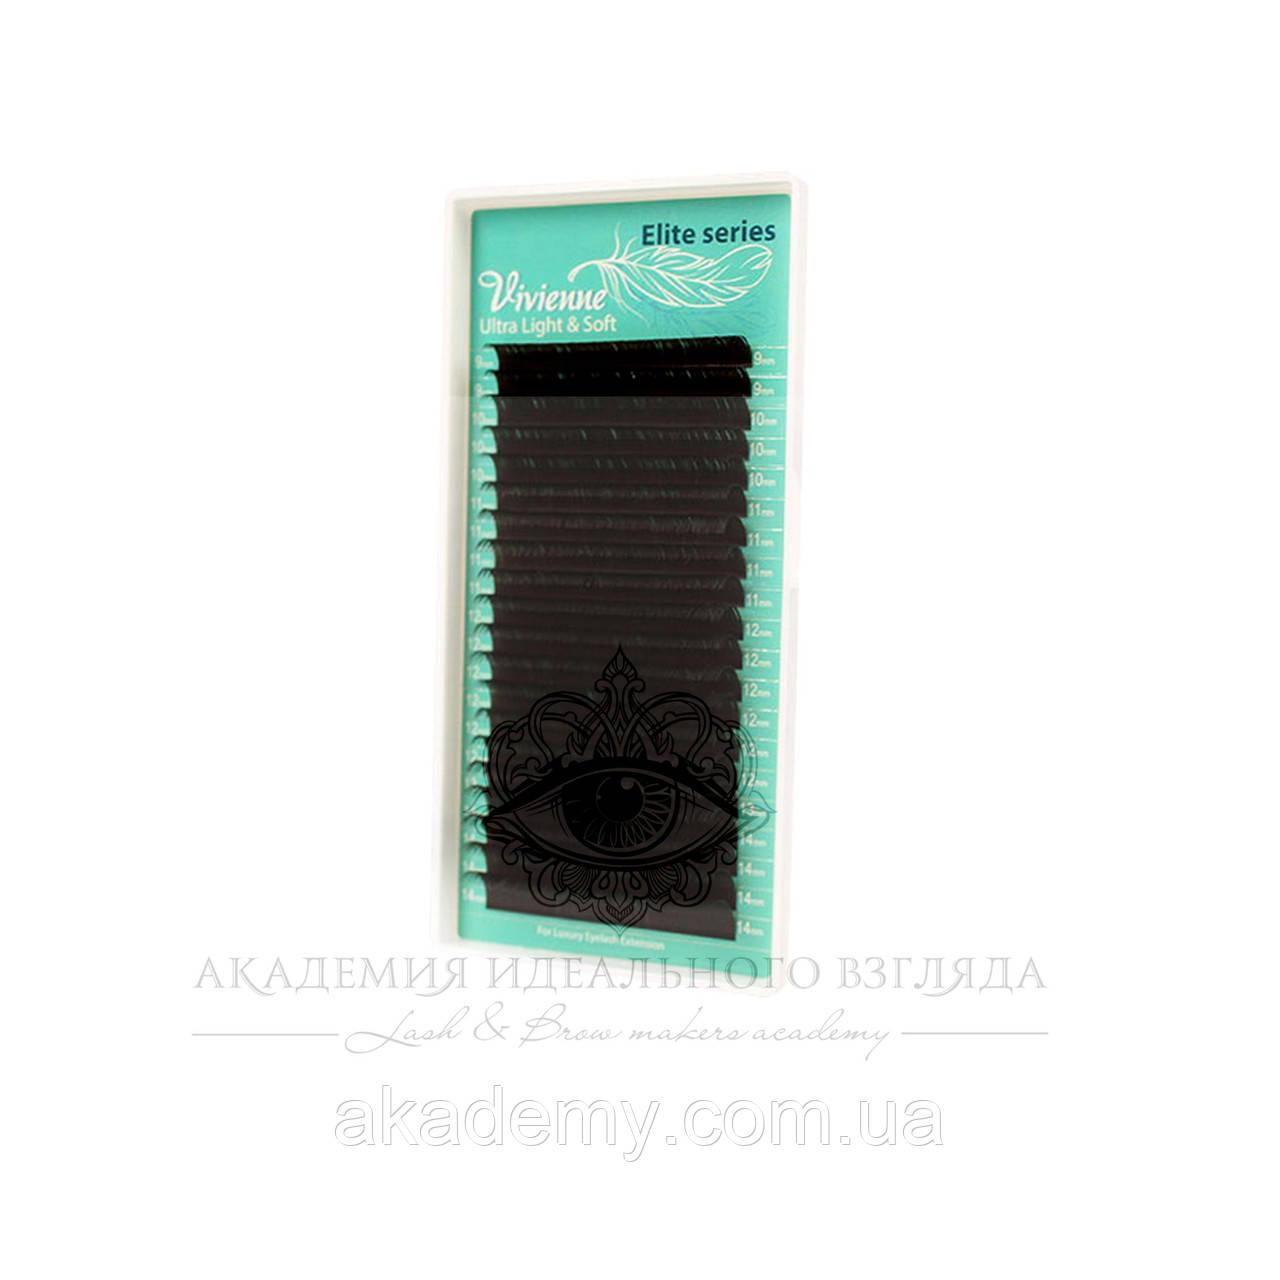 Ресницы, ultra черный шоколад Elite, mix размеров 20 линий